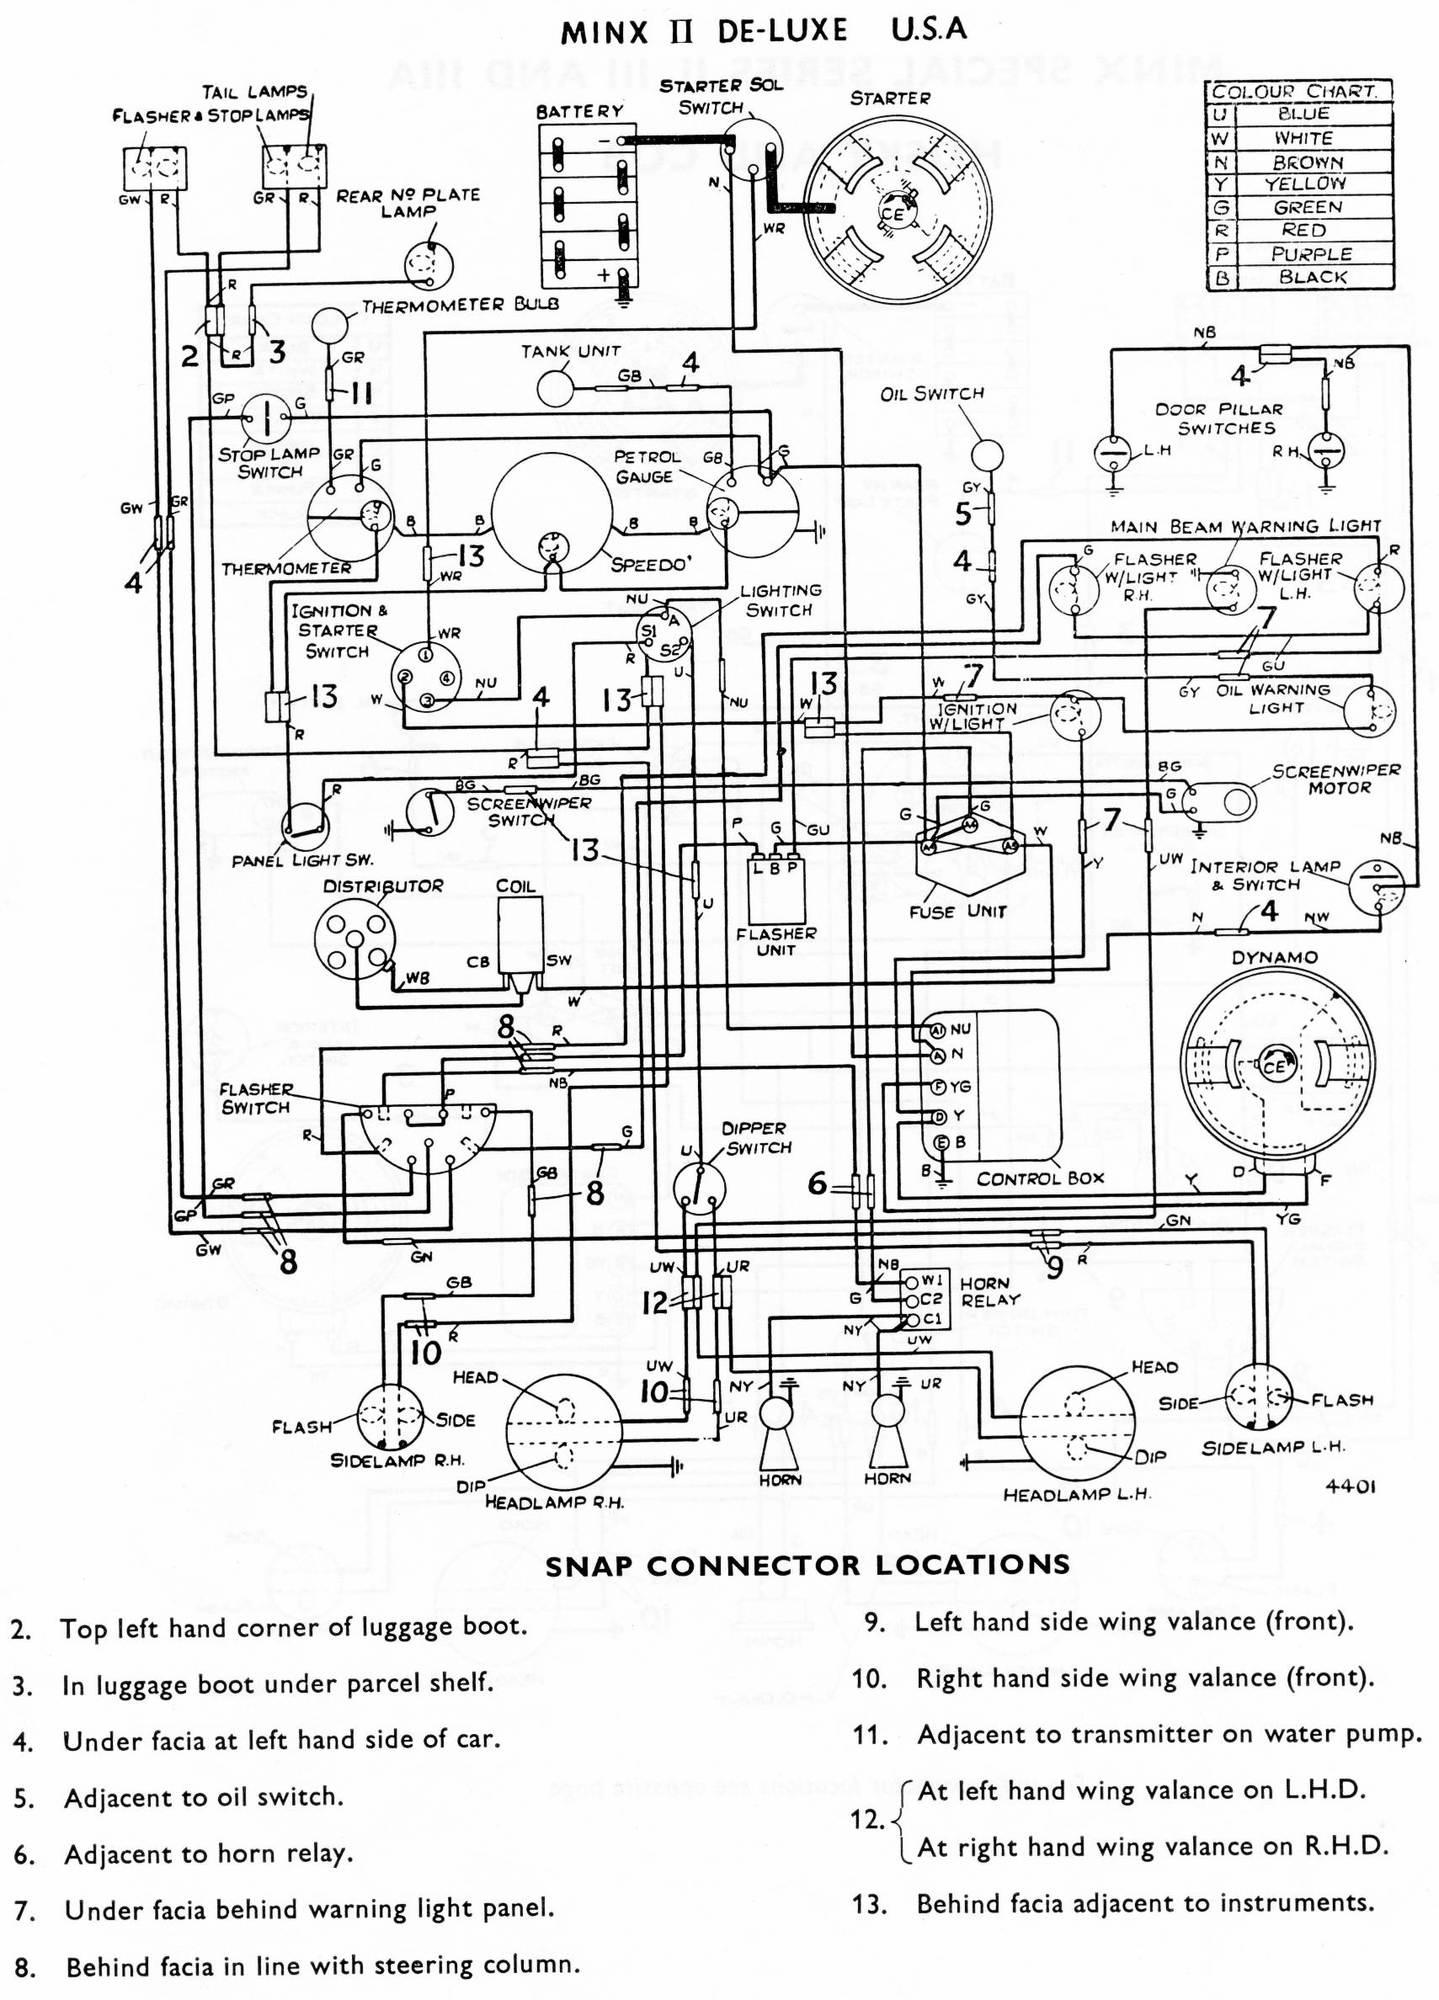 Best Repair Manual For S5